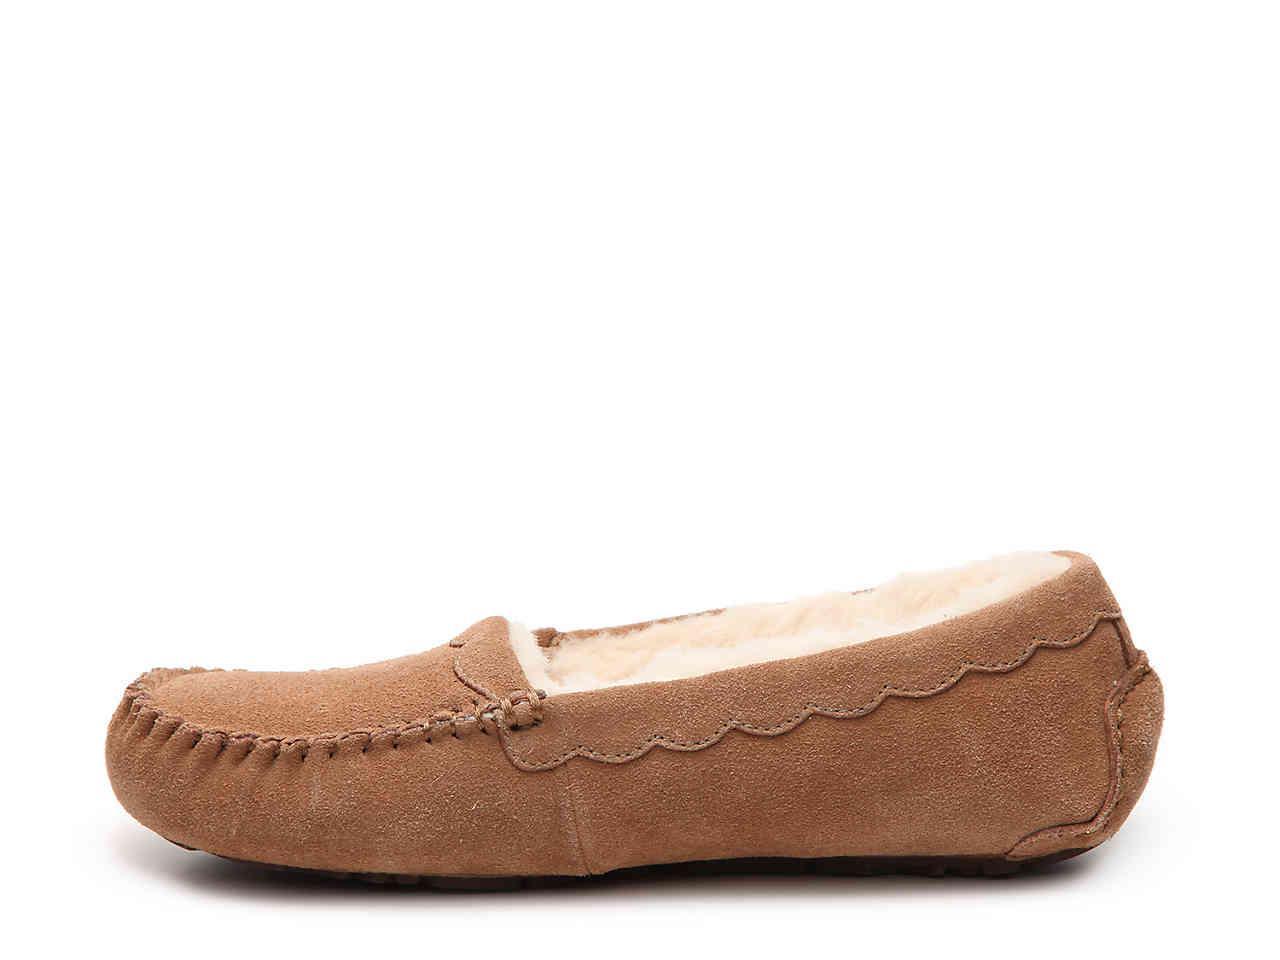 2e9c3de2b0b7 Lyst - UGG Australia Scallop Suede Slipper in Brown